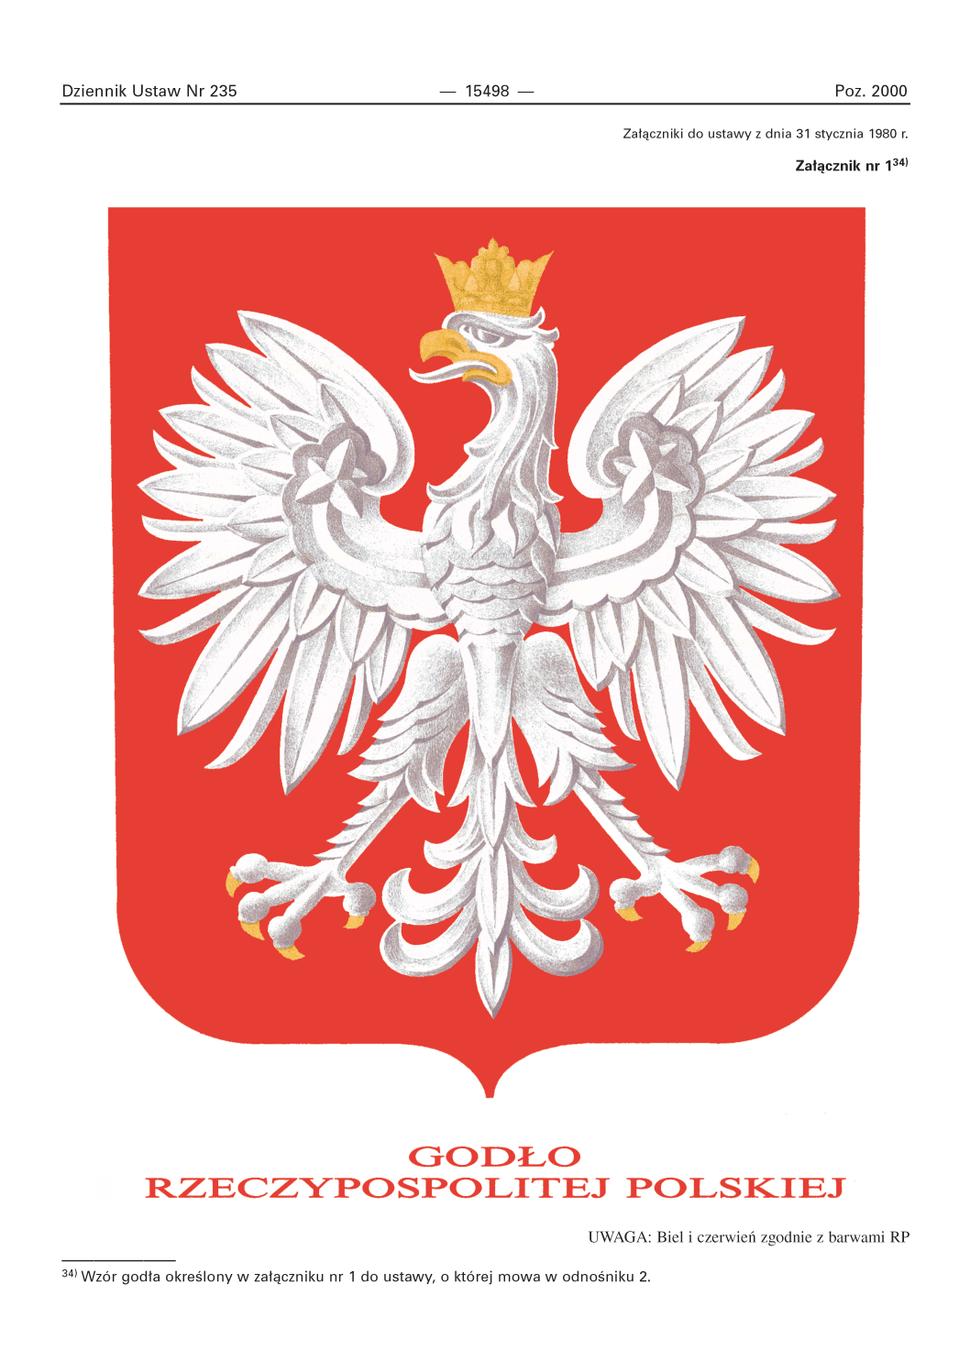 Godło Rzeczypospolitej Polskiej - wzór ustawowy